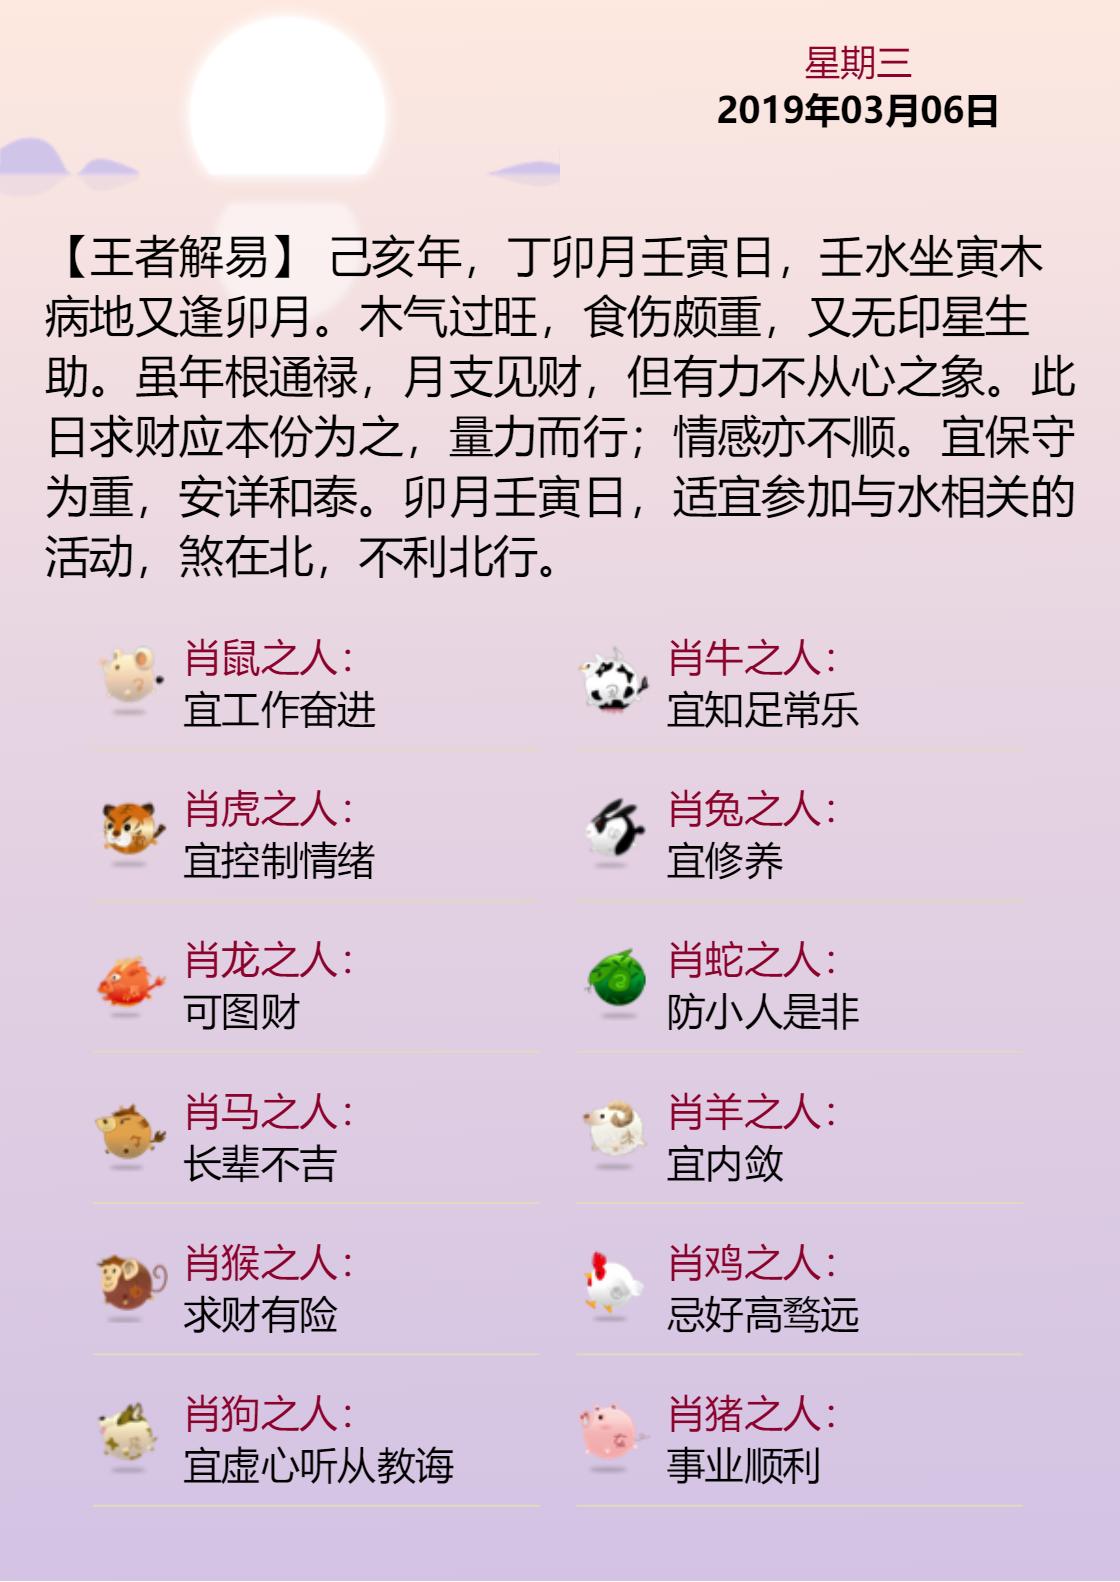 黄历海报20190306.png